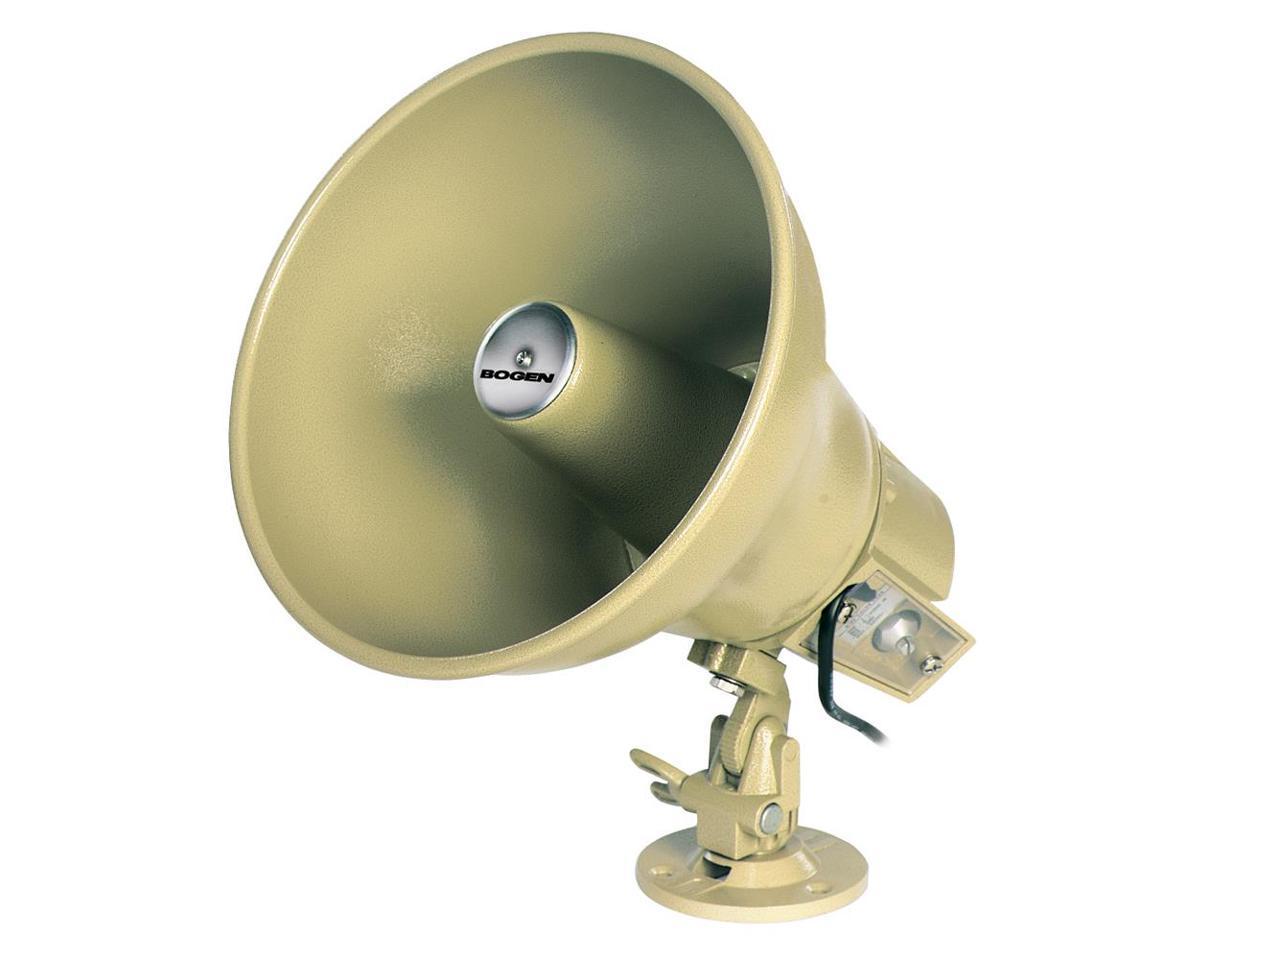 Bogen HS7EZ 7W Horn